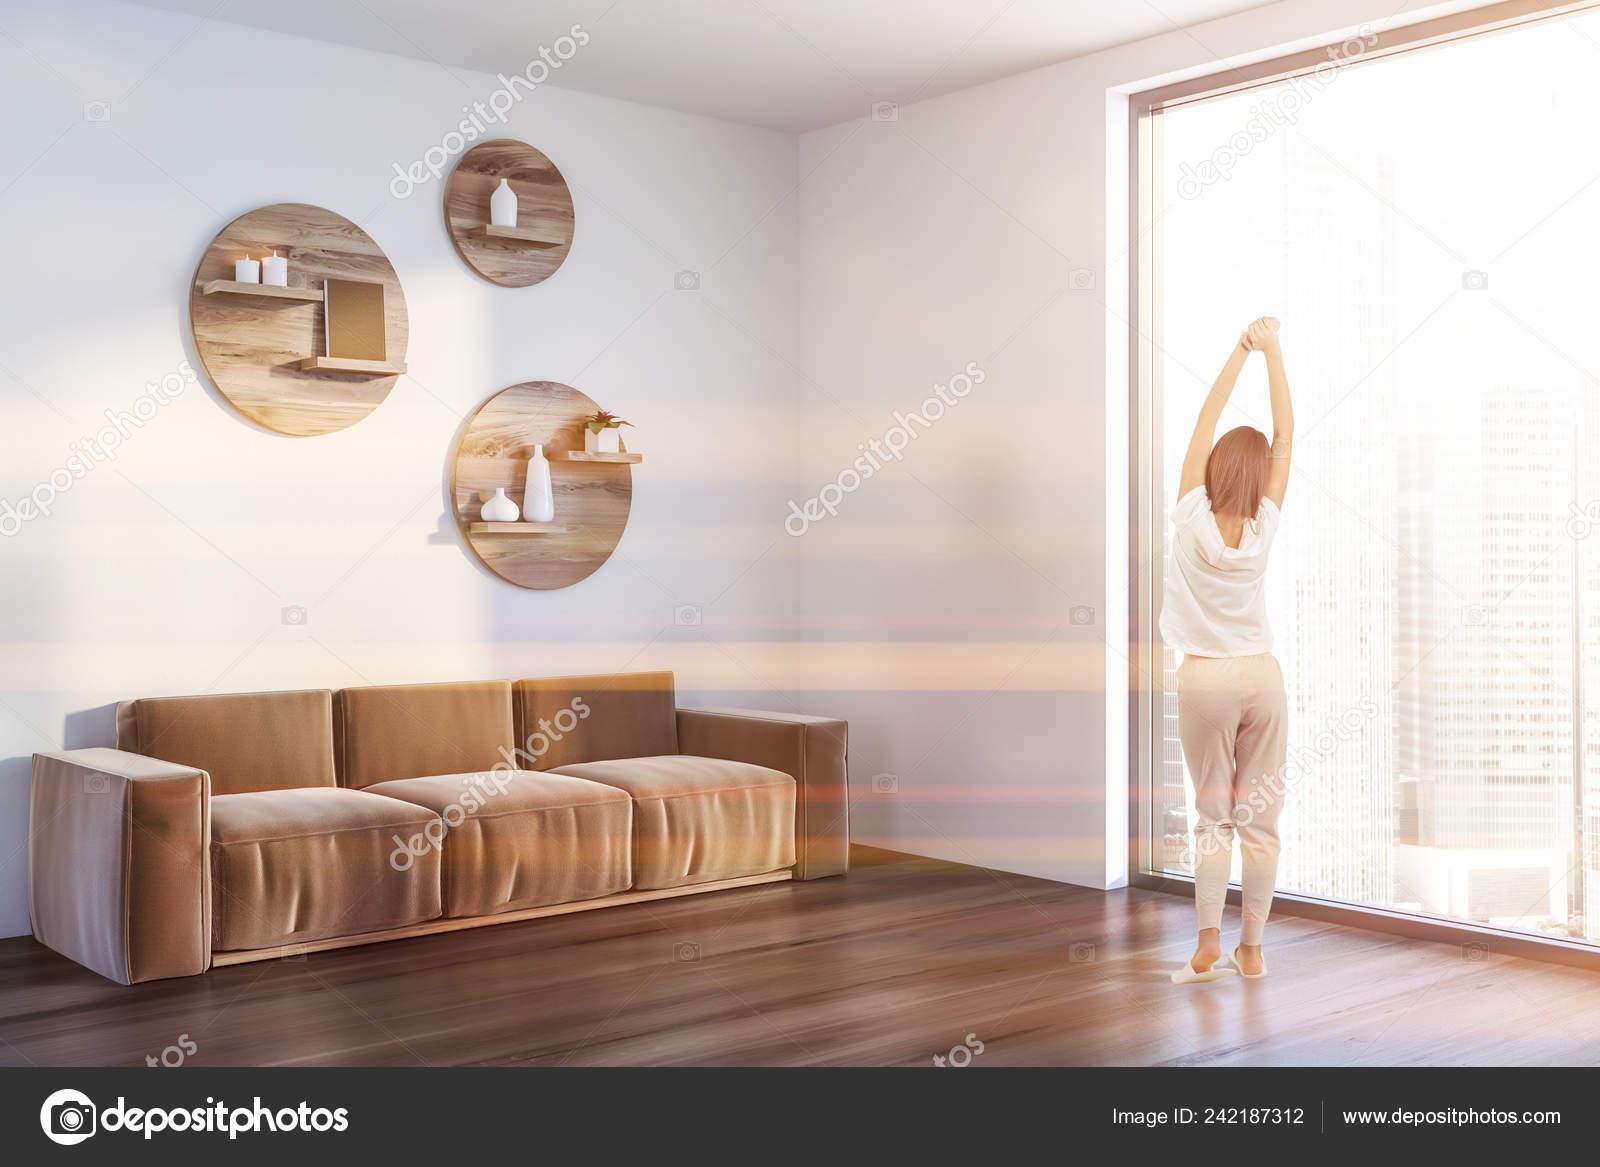 Woman Corner Living Room White Walls Dark Wooden Floor